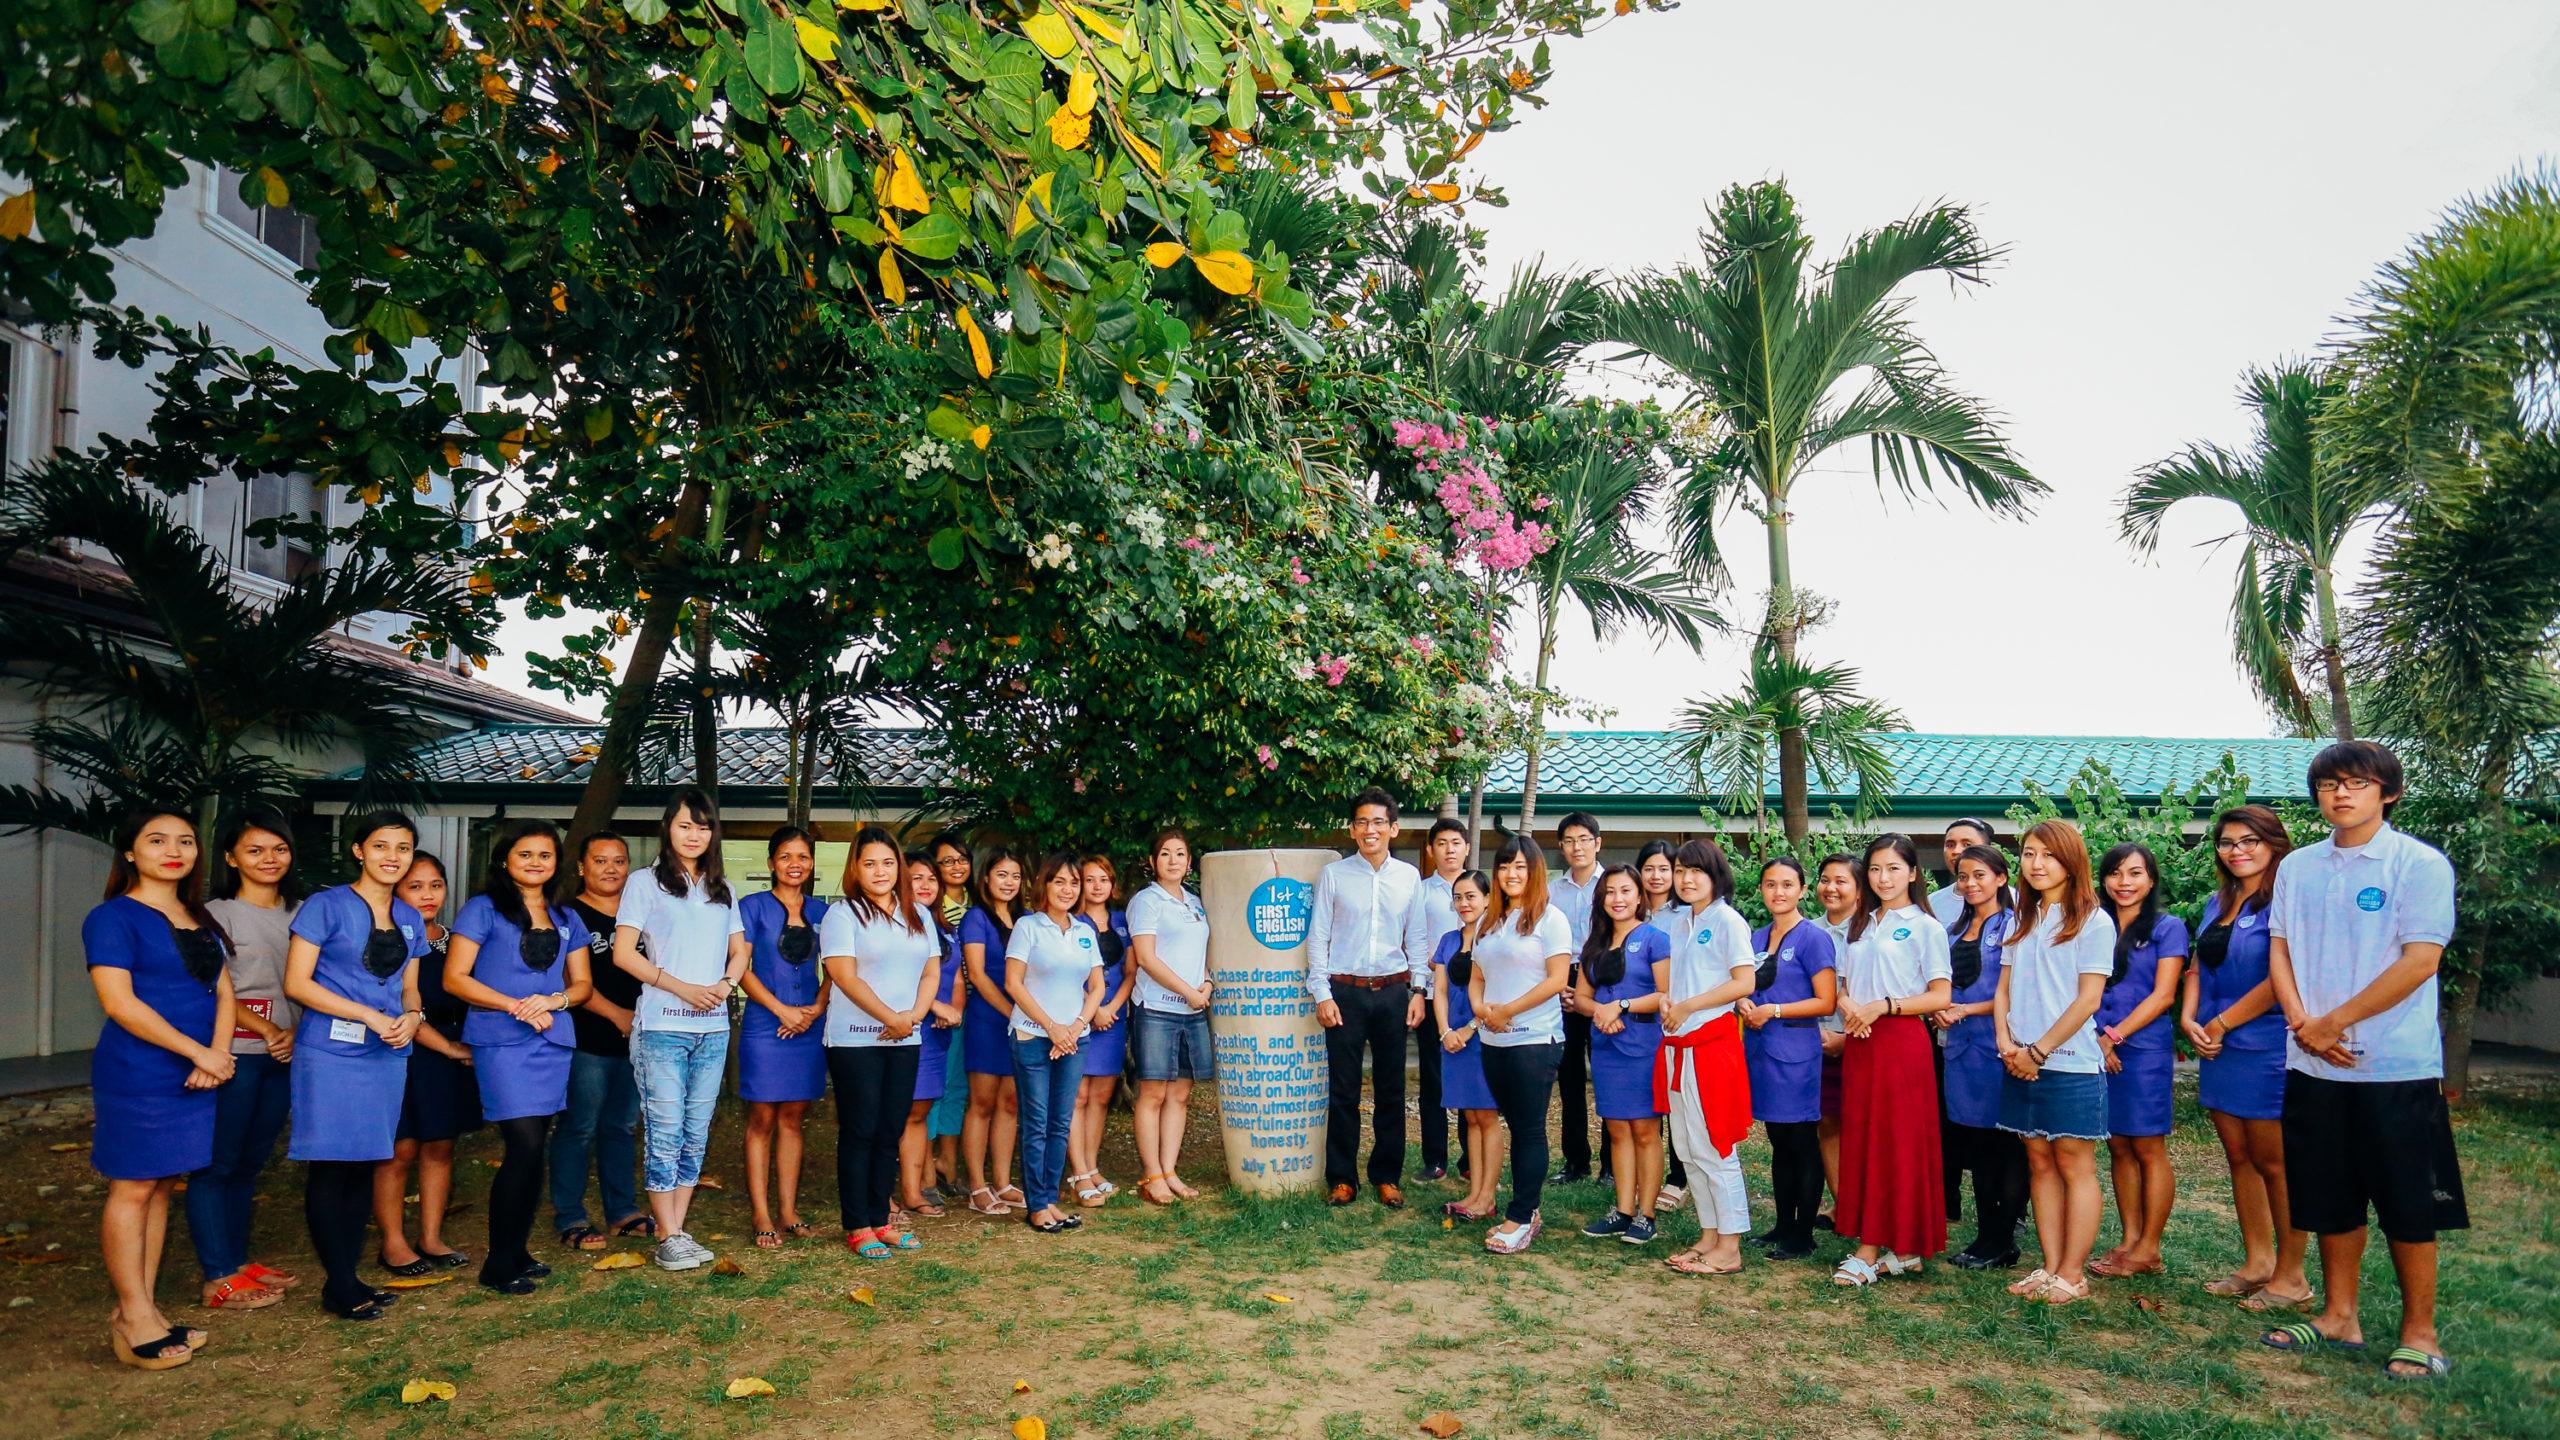 オンライン英語学童の経営校「First English Global College」をご紹介